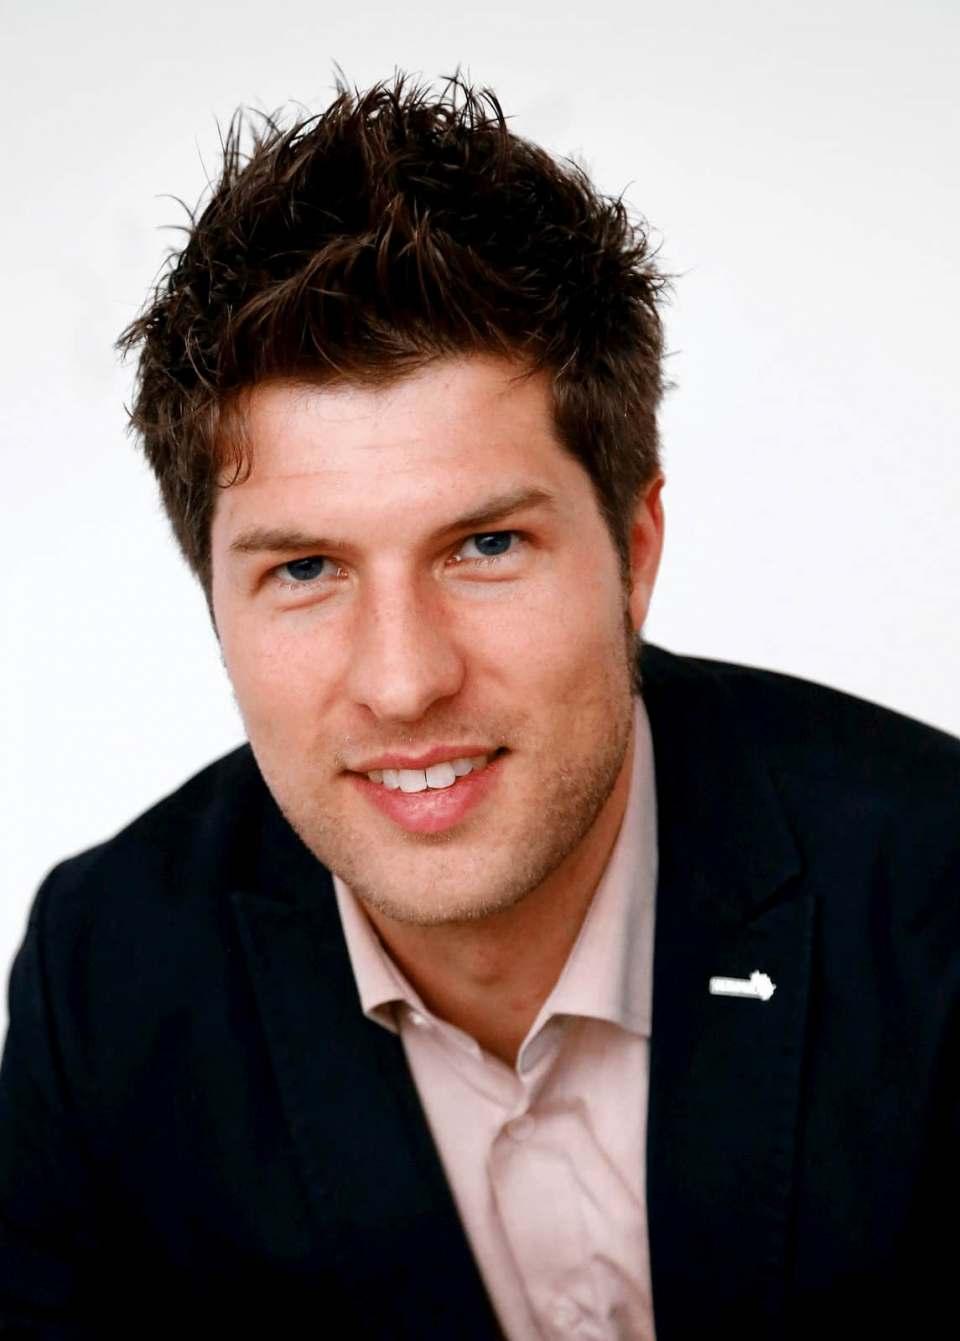 Patrick Schwarzhaupt, Betriebstypenmanager Fachhandel freut sich über Musikgenuss in Studioqualität.